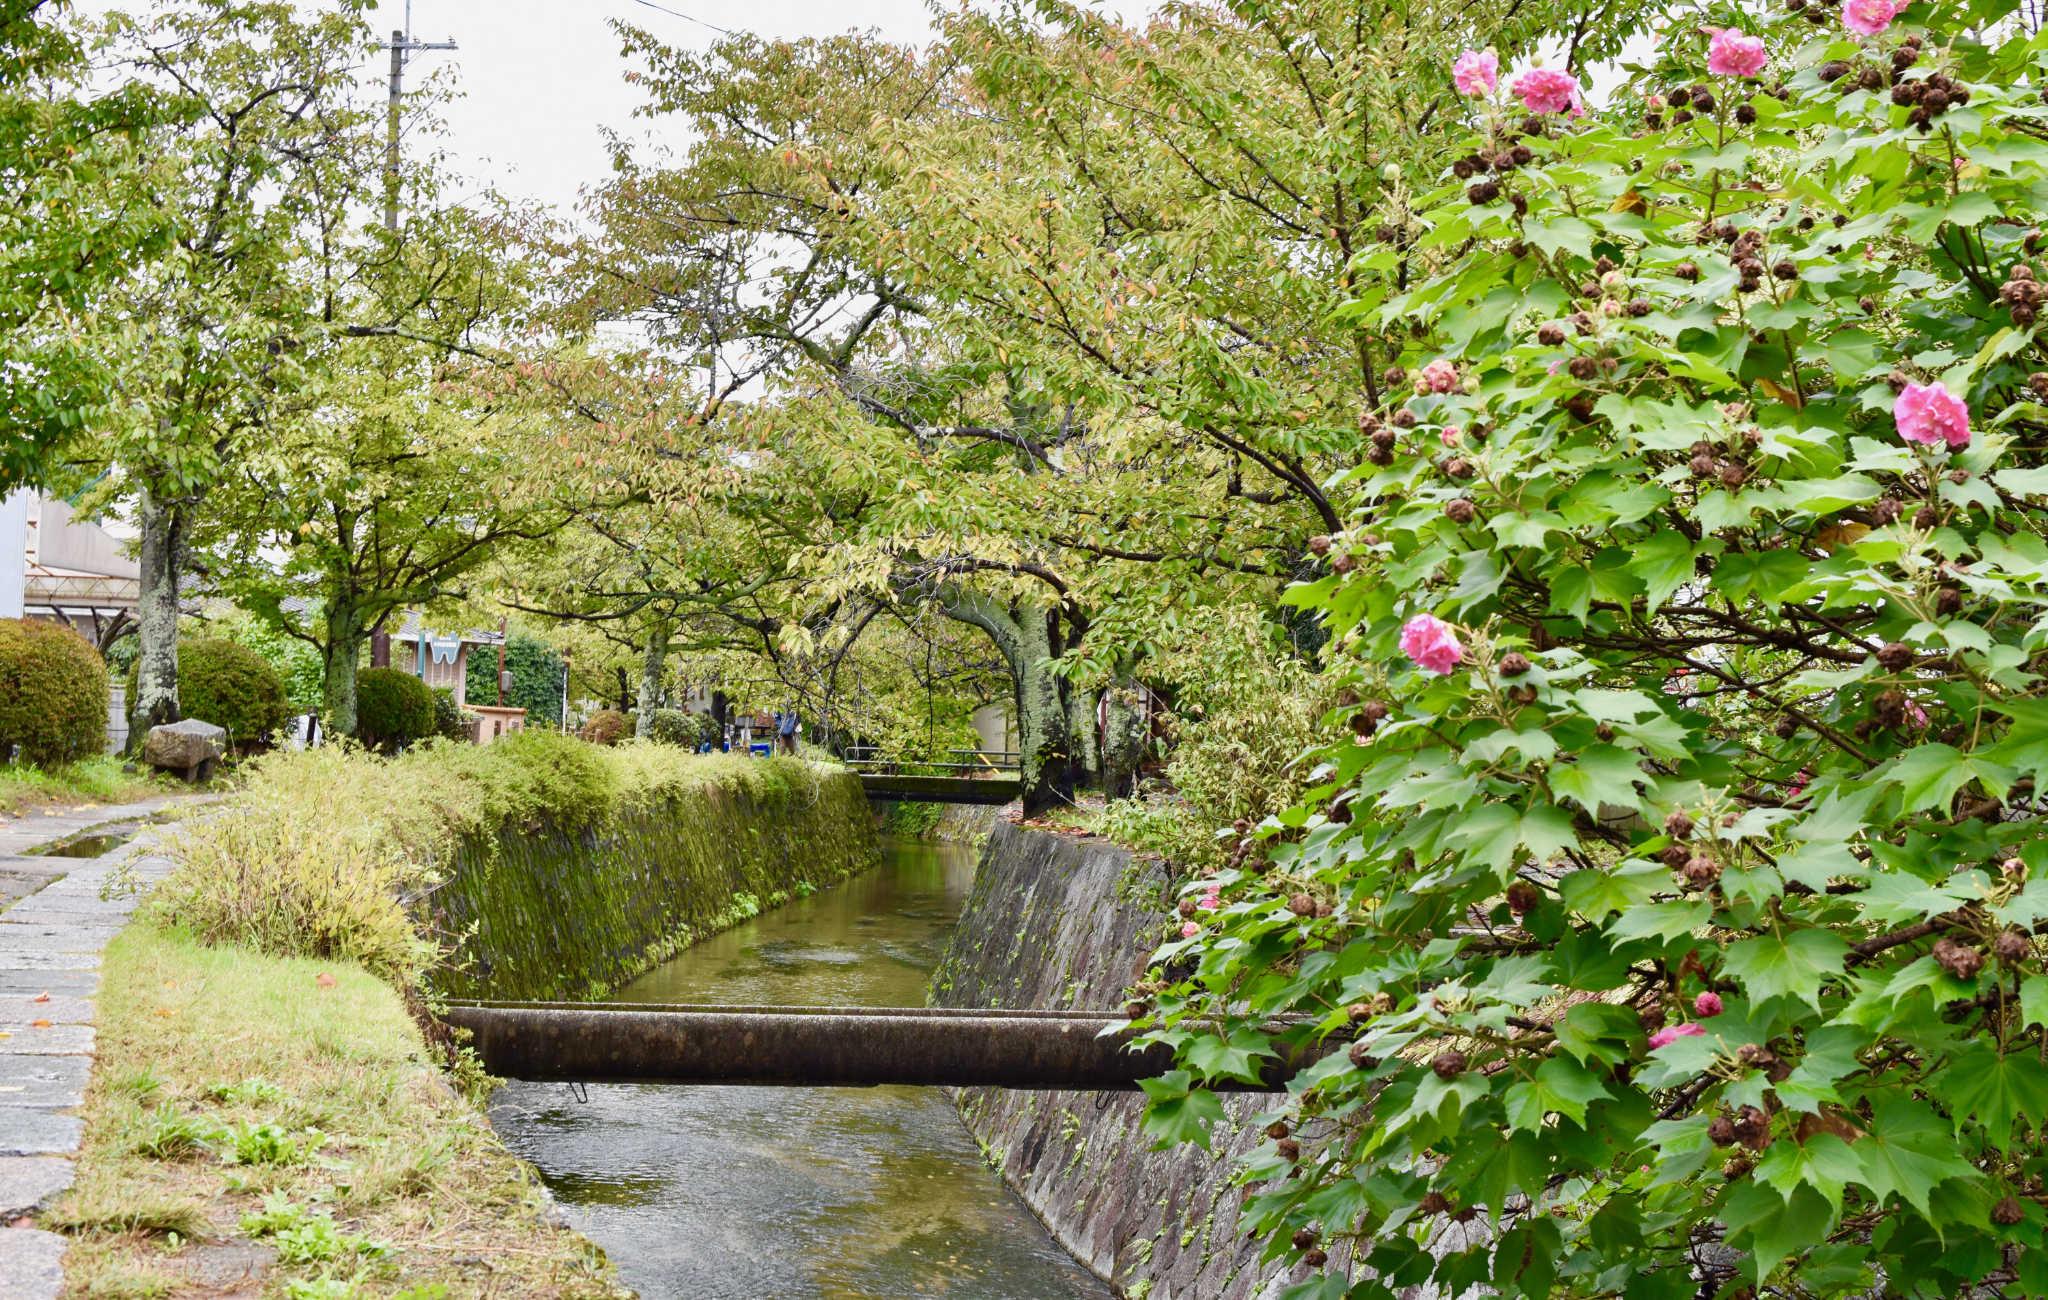 La promenade en bordure du canal est une détente paisible